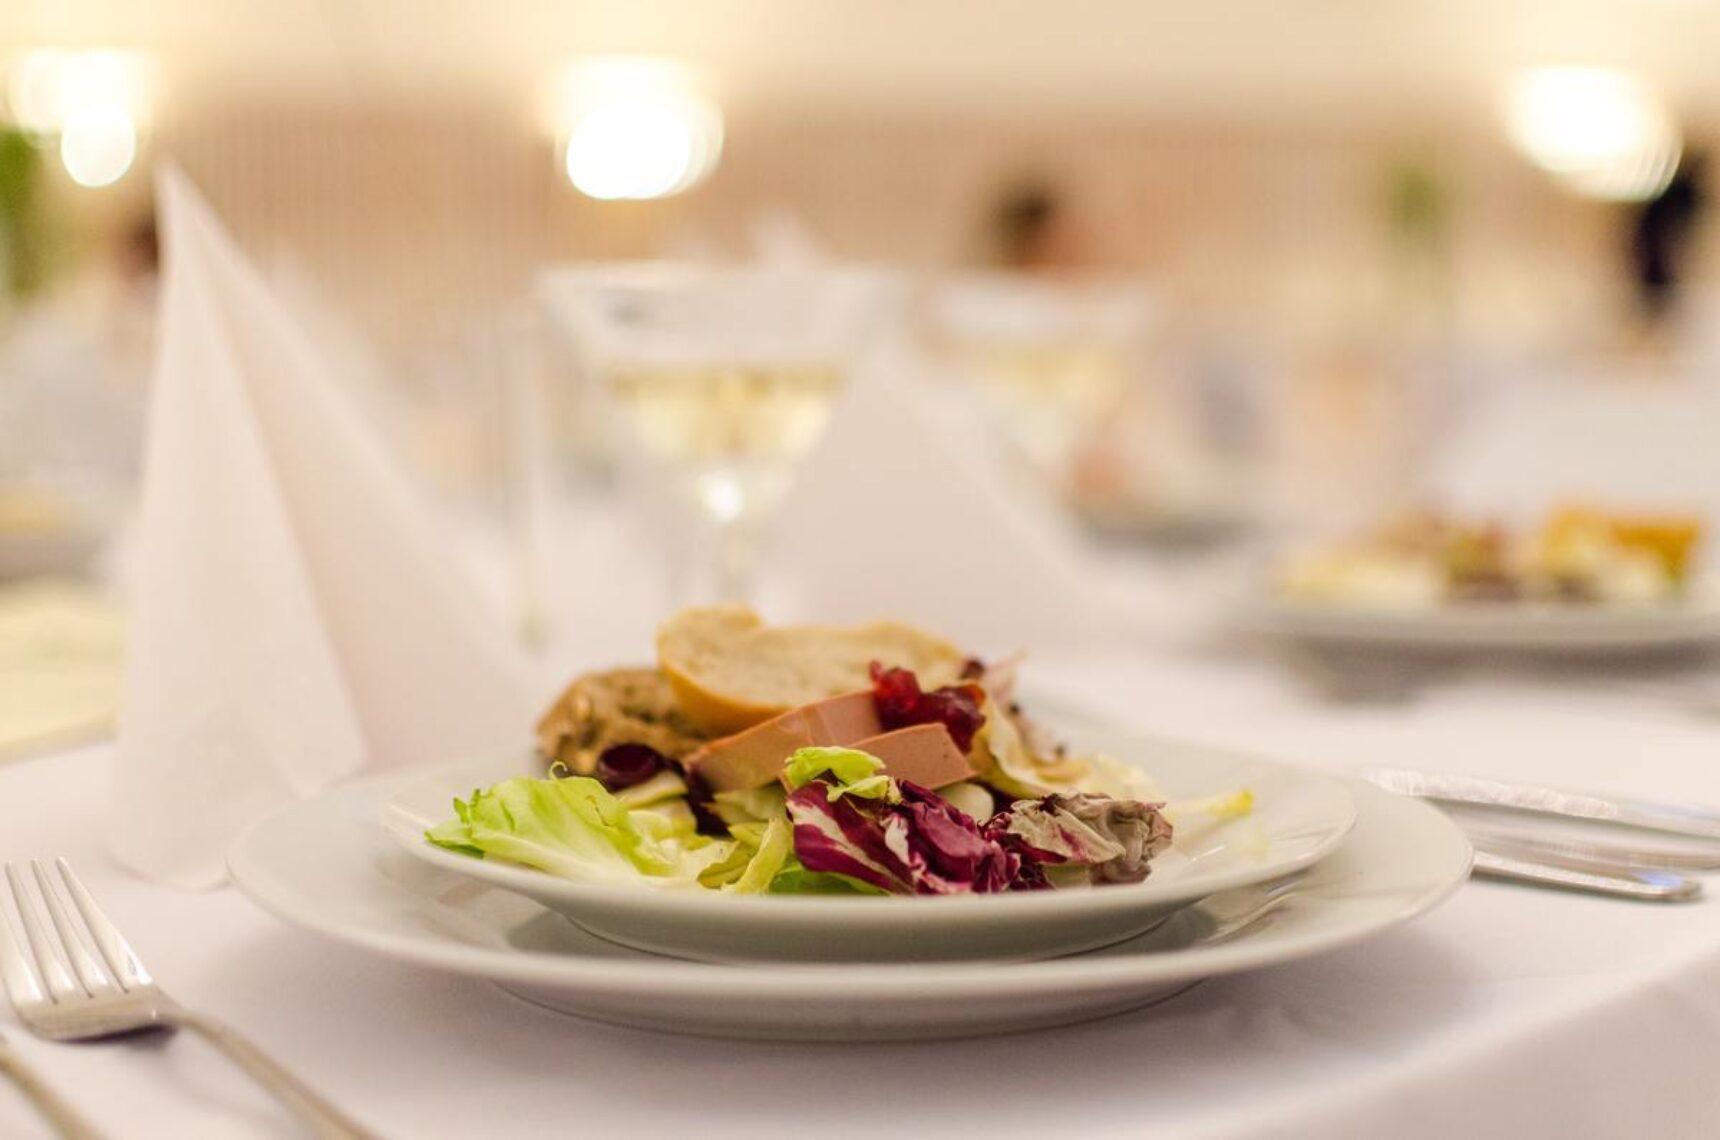 Gorące dania na weselu – ile powinno ich być, by przyjęcie było udane?